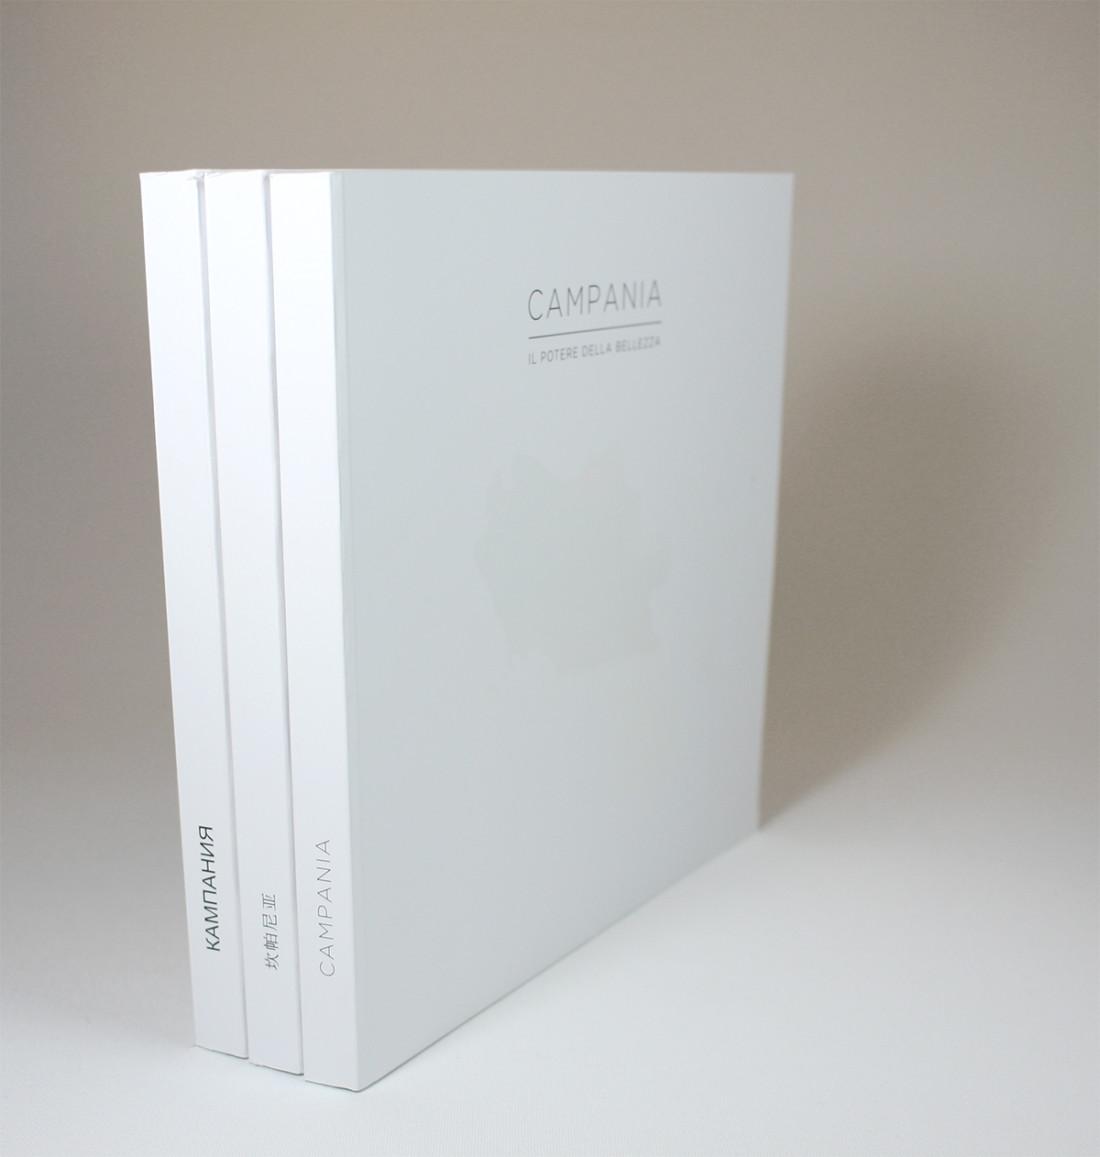 catalogo, campania,Book, libro, layout, grafica, comunicazione, manuarino